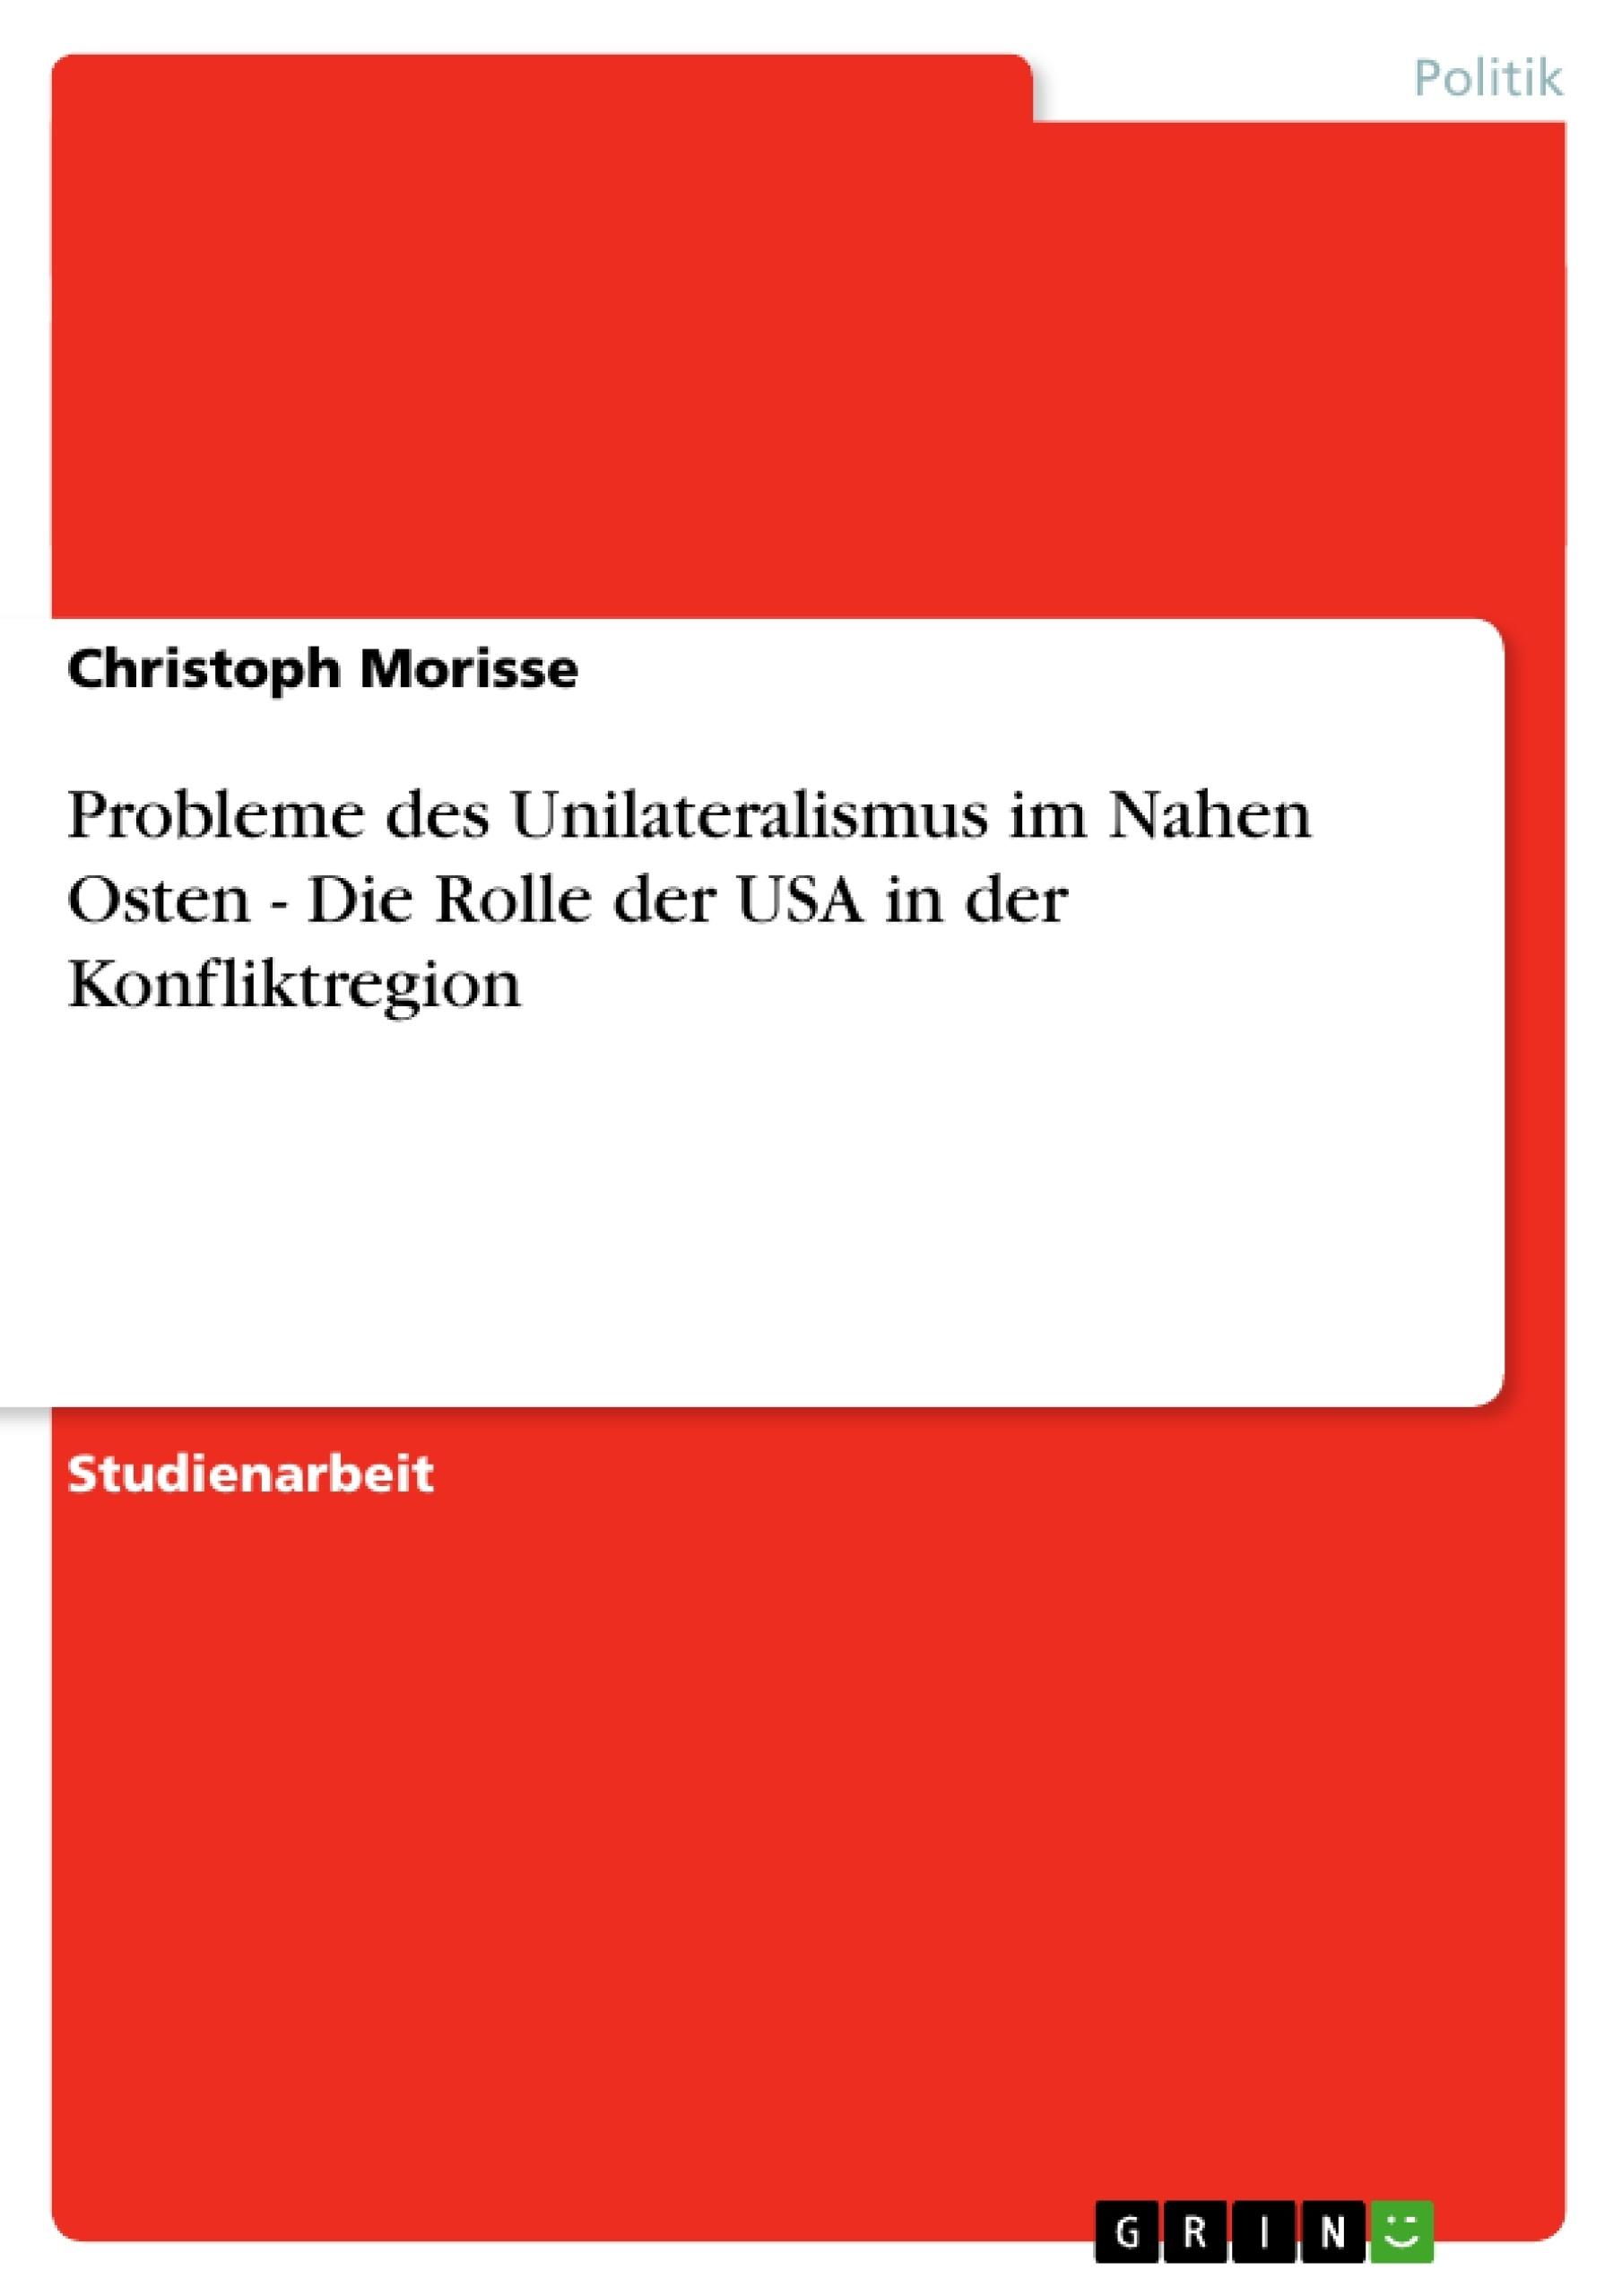 Titel: Probleme des Unilateralismus im Nahen Osten - Die Rolle der USA in der Konfliktregion